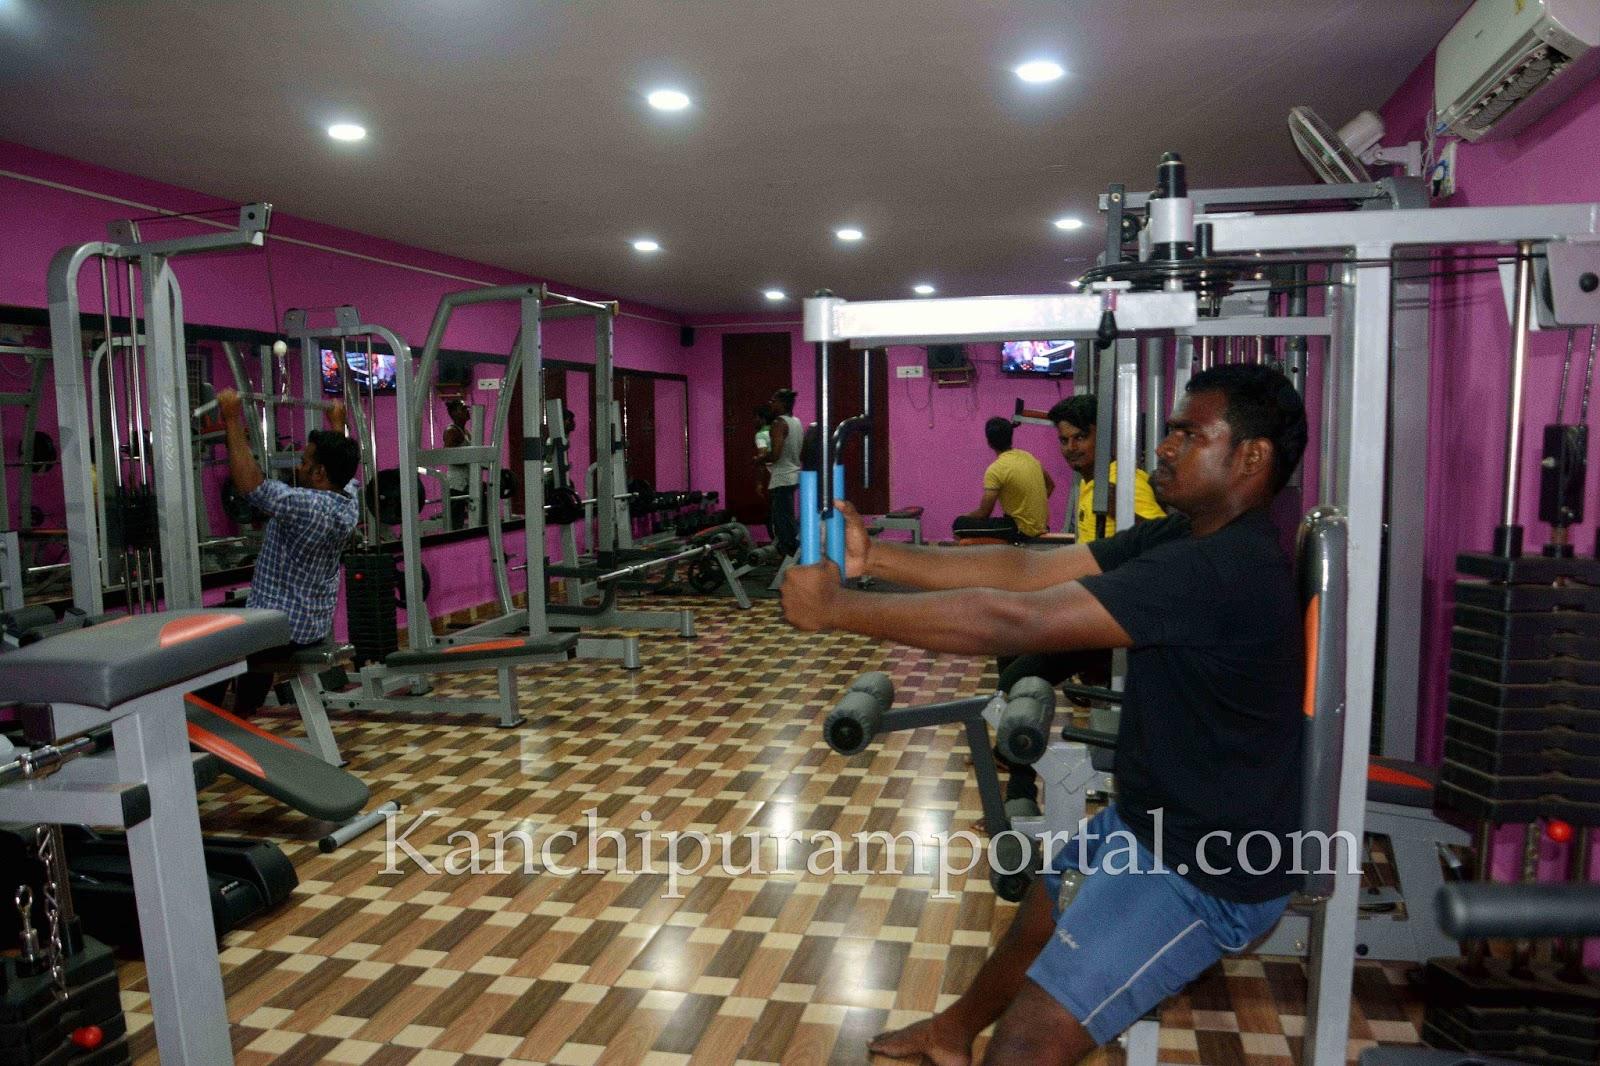 Star fitness gym kanchipuram